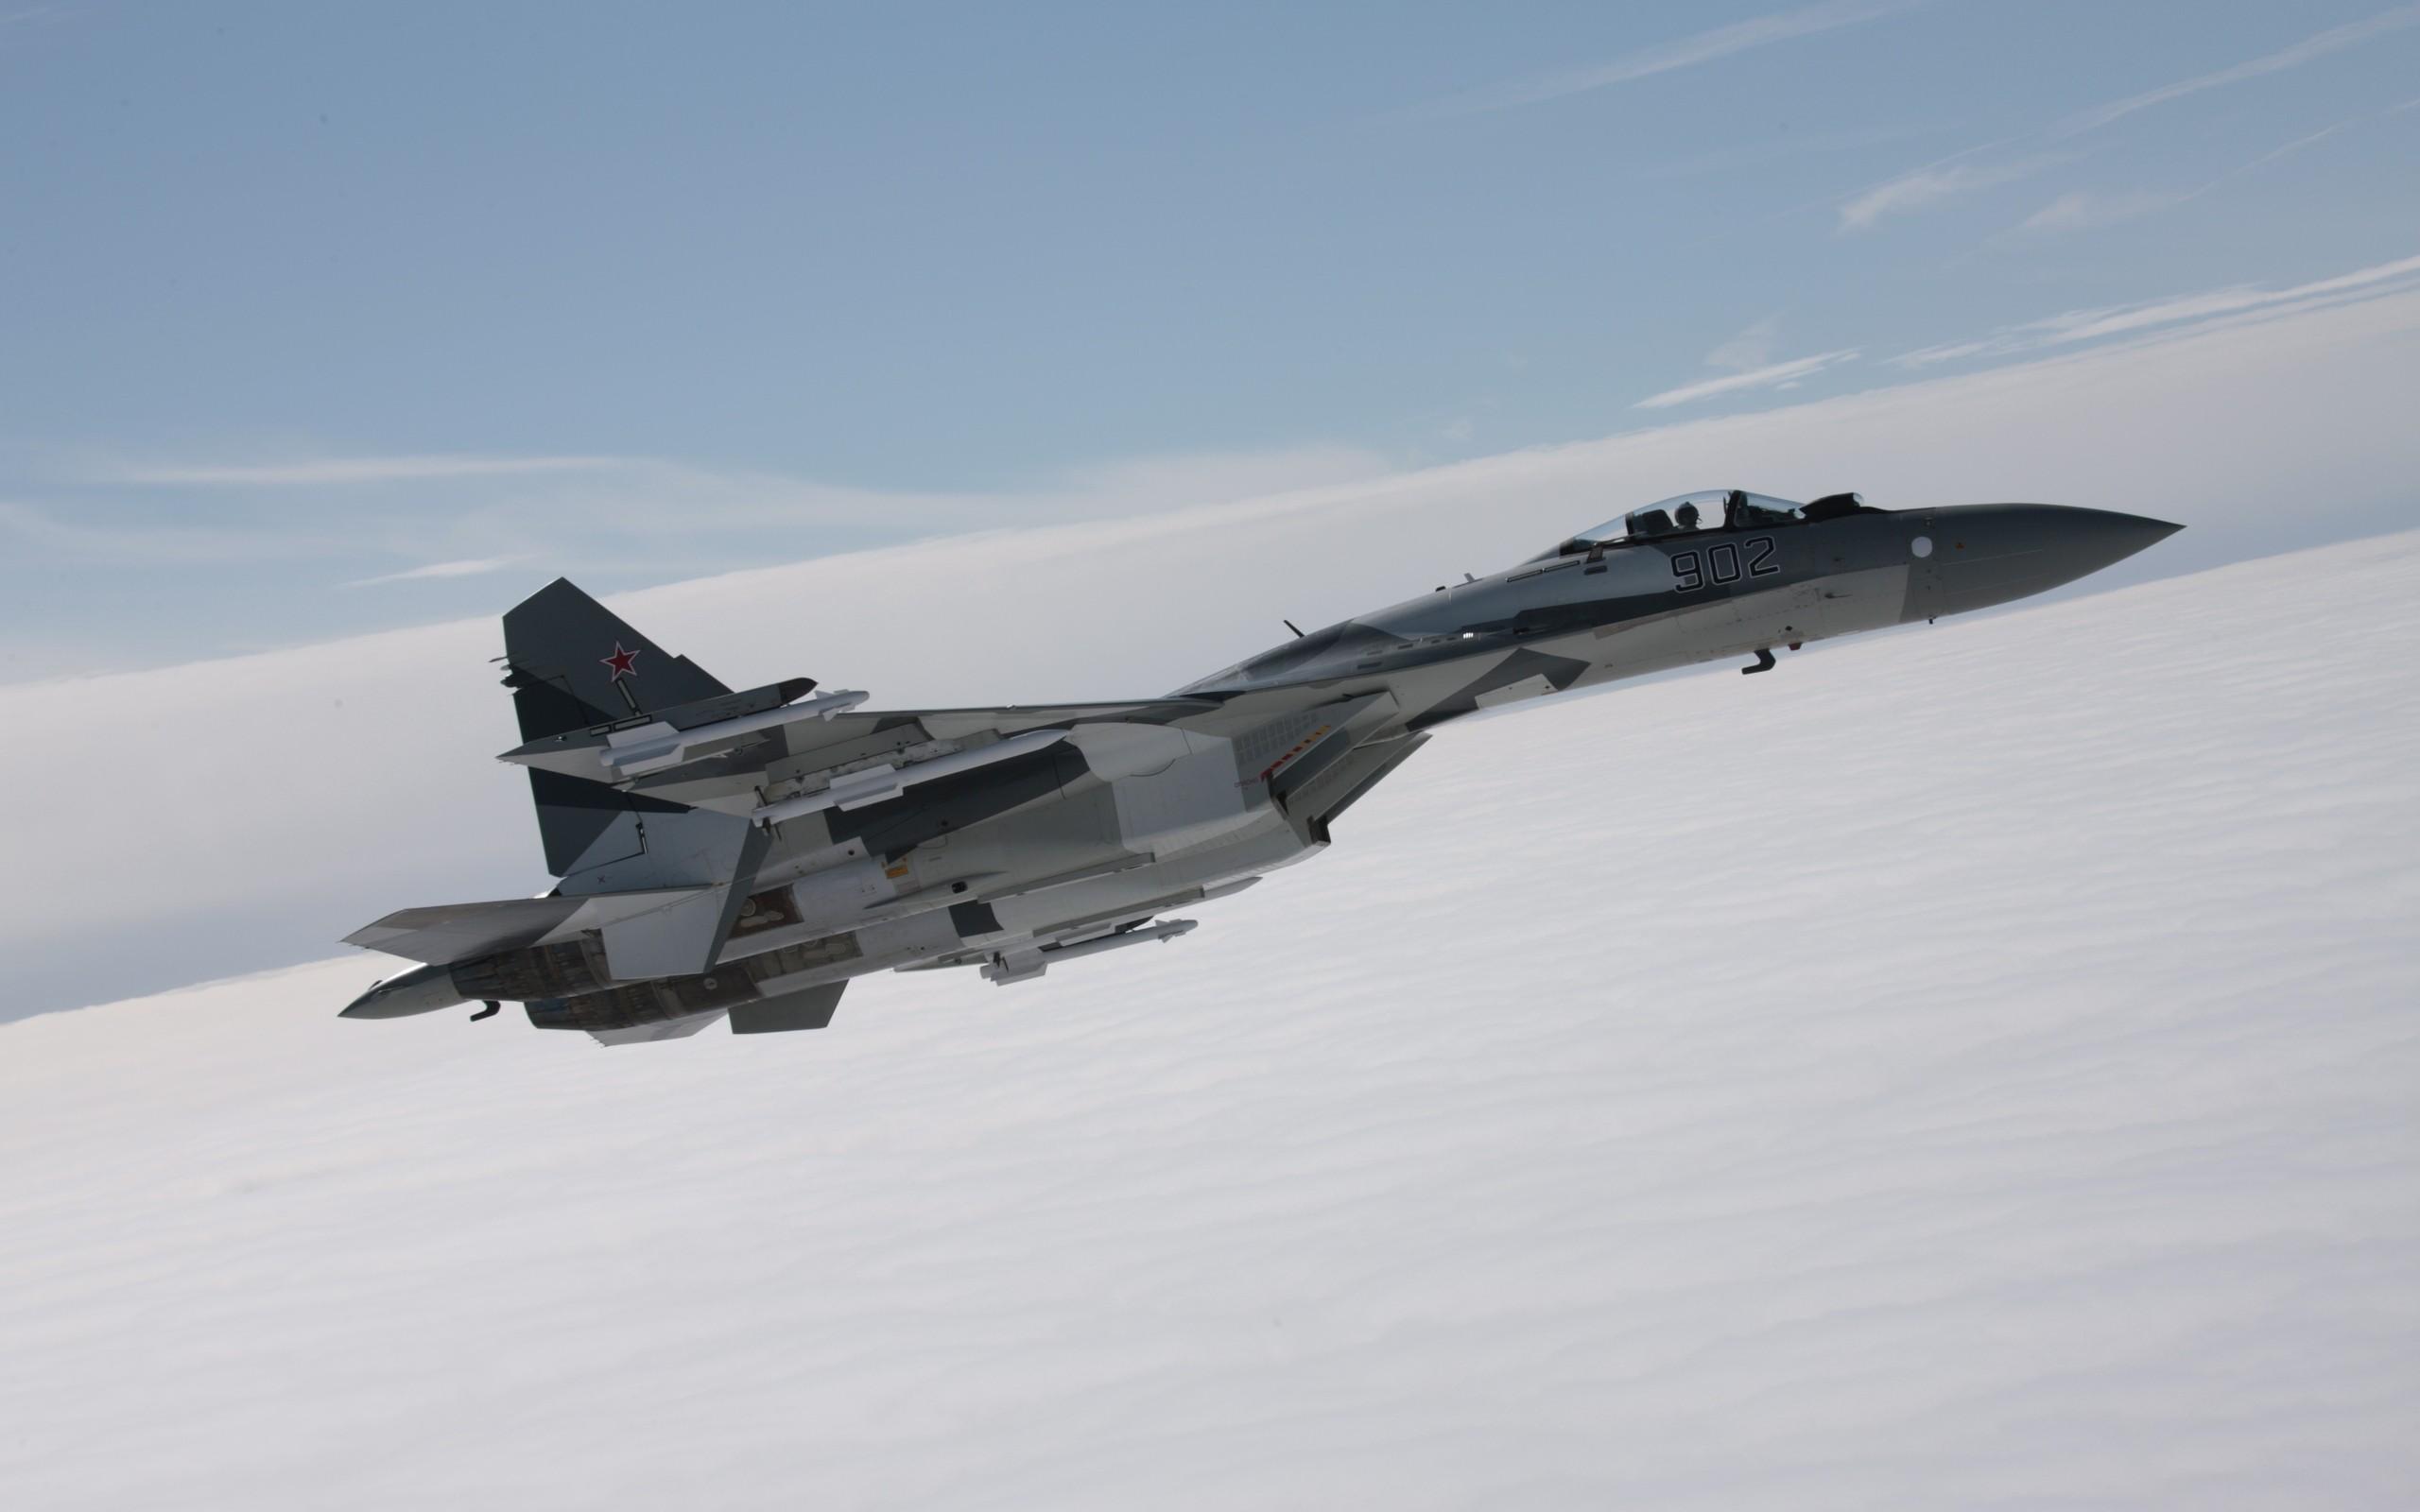 Aviones de guerra volando - 2560x1600